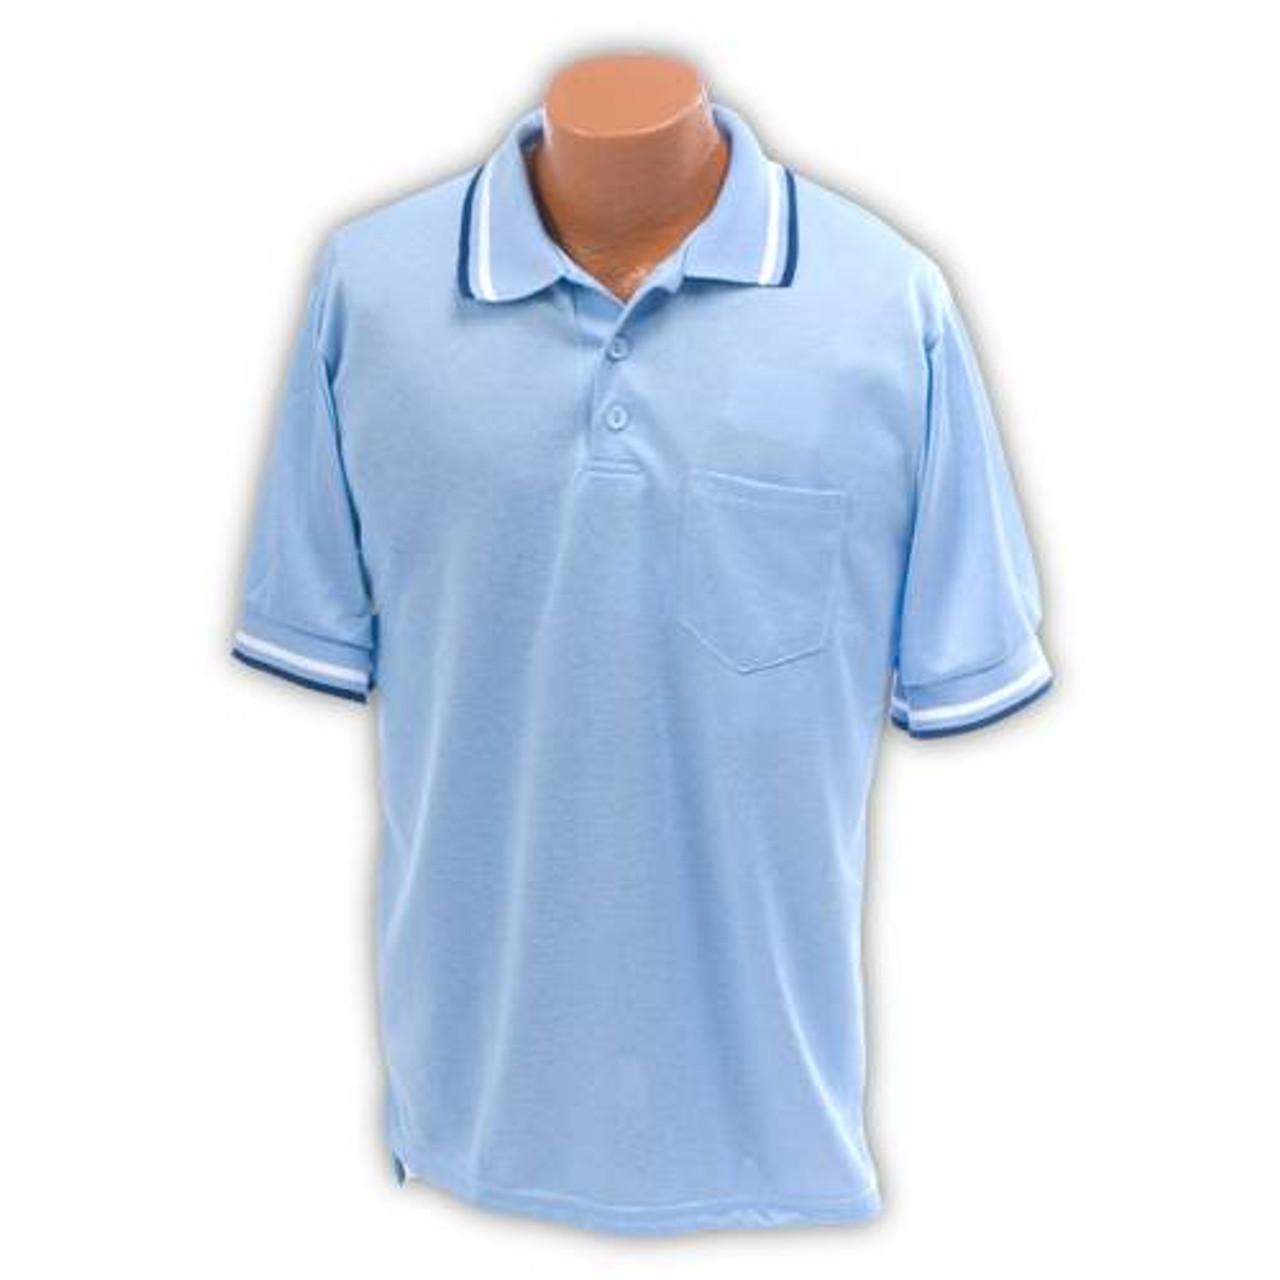 Baseball Umpire Shirt Light Blue XXL